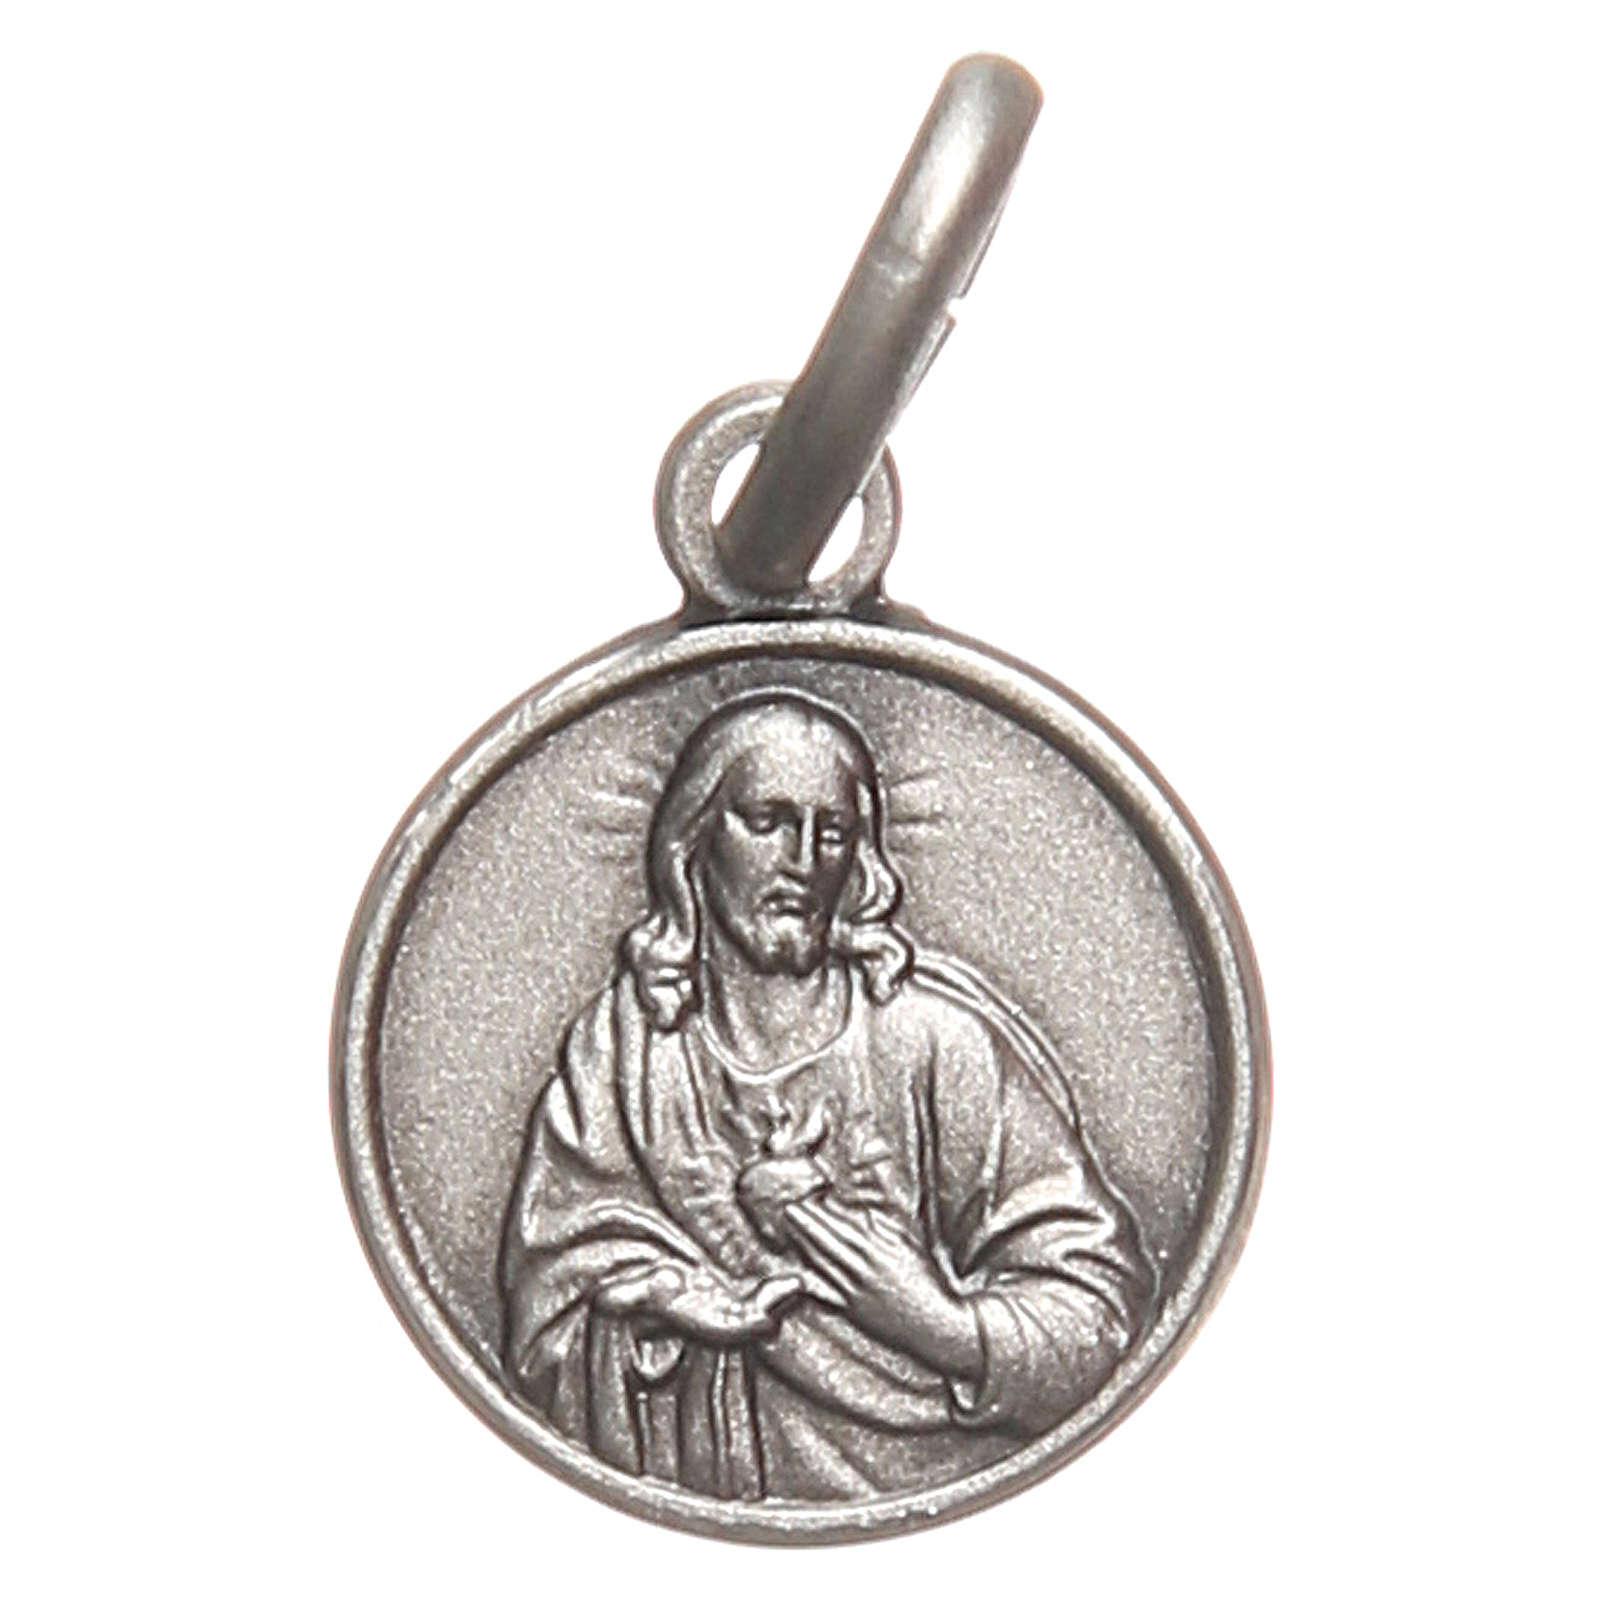 cc96d49effa Escapulario medalla sagrado corazón plata venta online jpg 1600x1600  Medallas del sagrado corazon